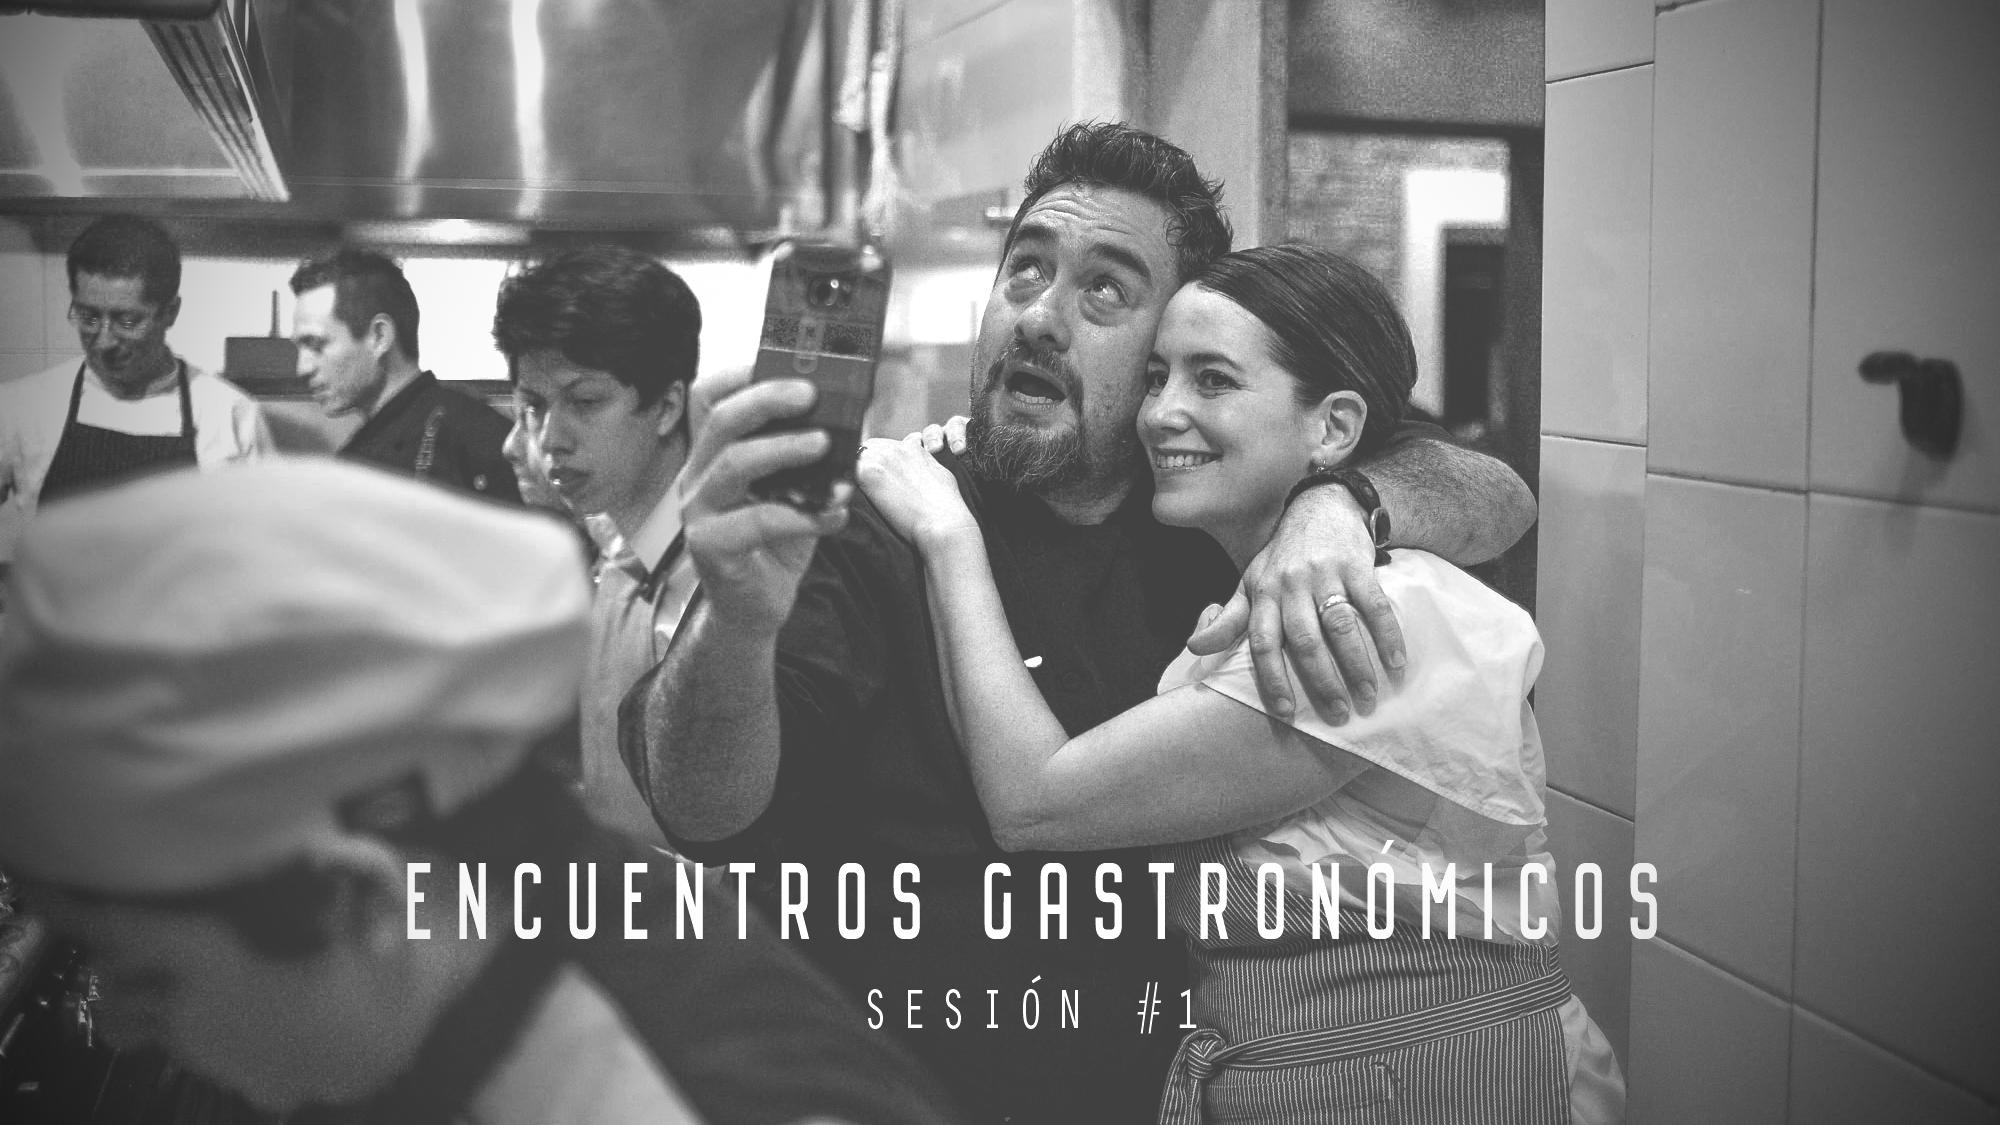 Encuentros Gastronómicos Video